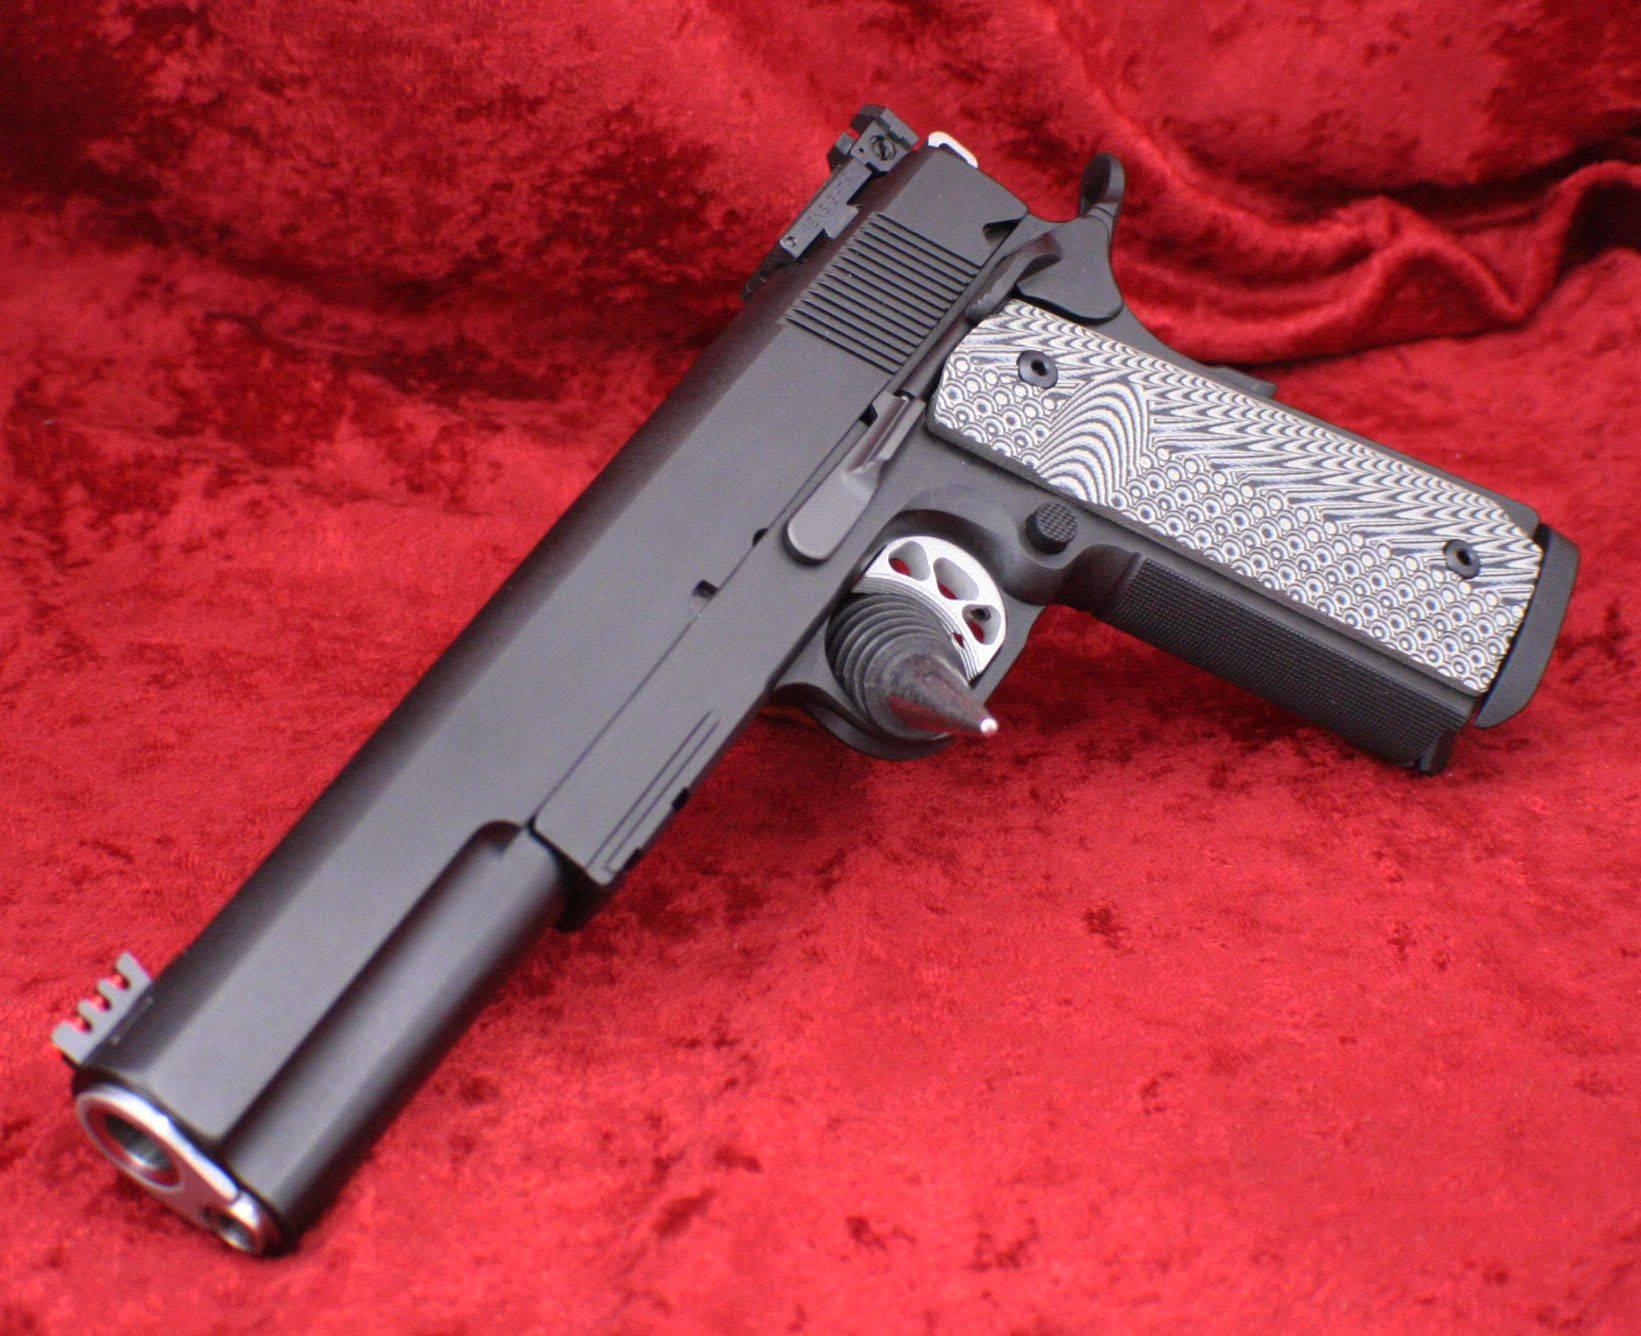 Топ 10 самых лучших пистолетов в мире